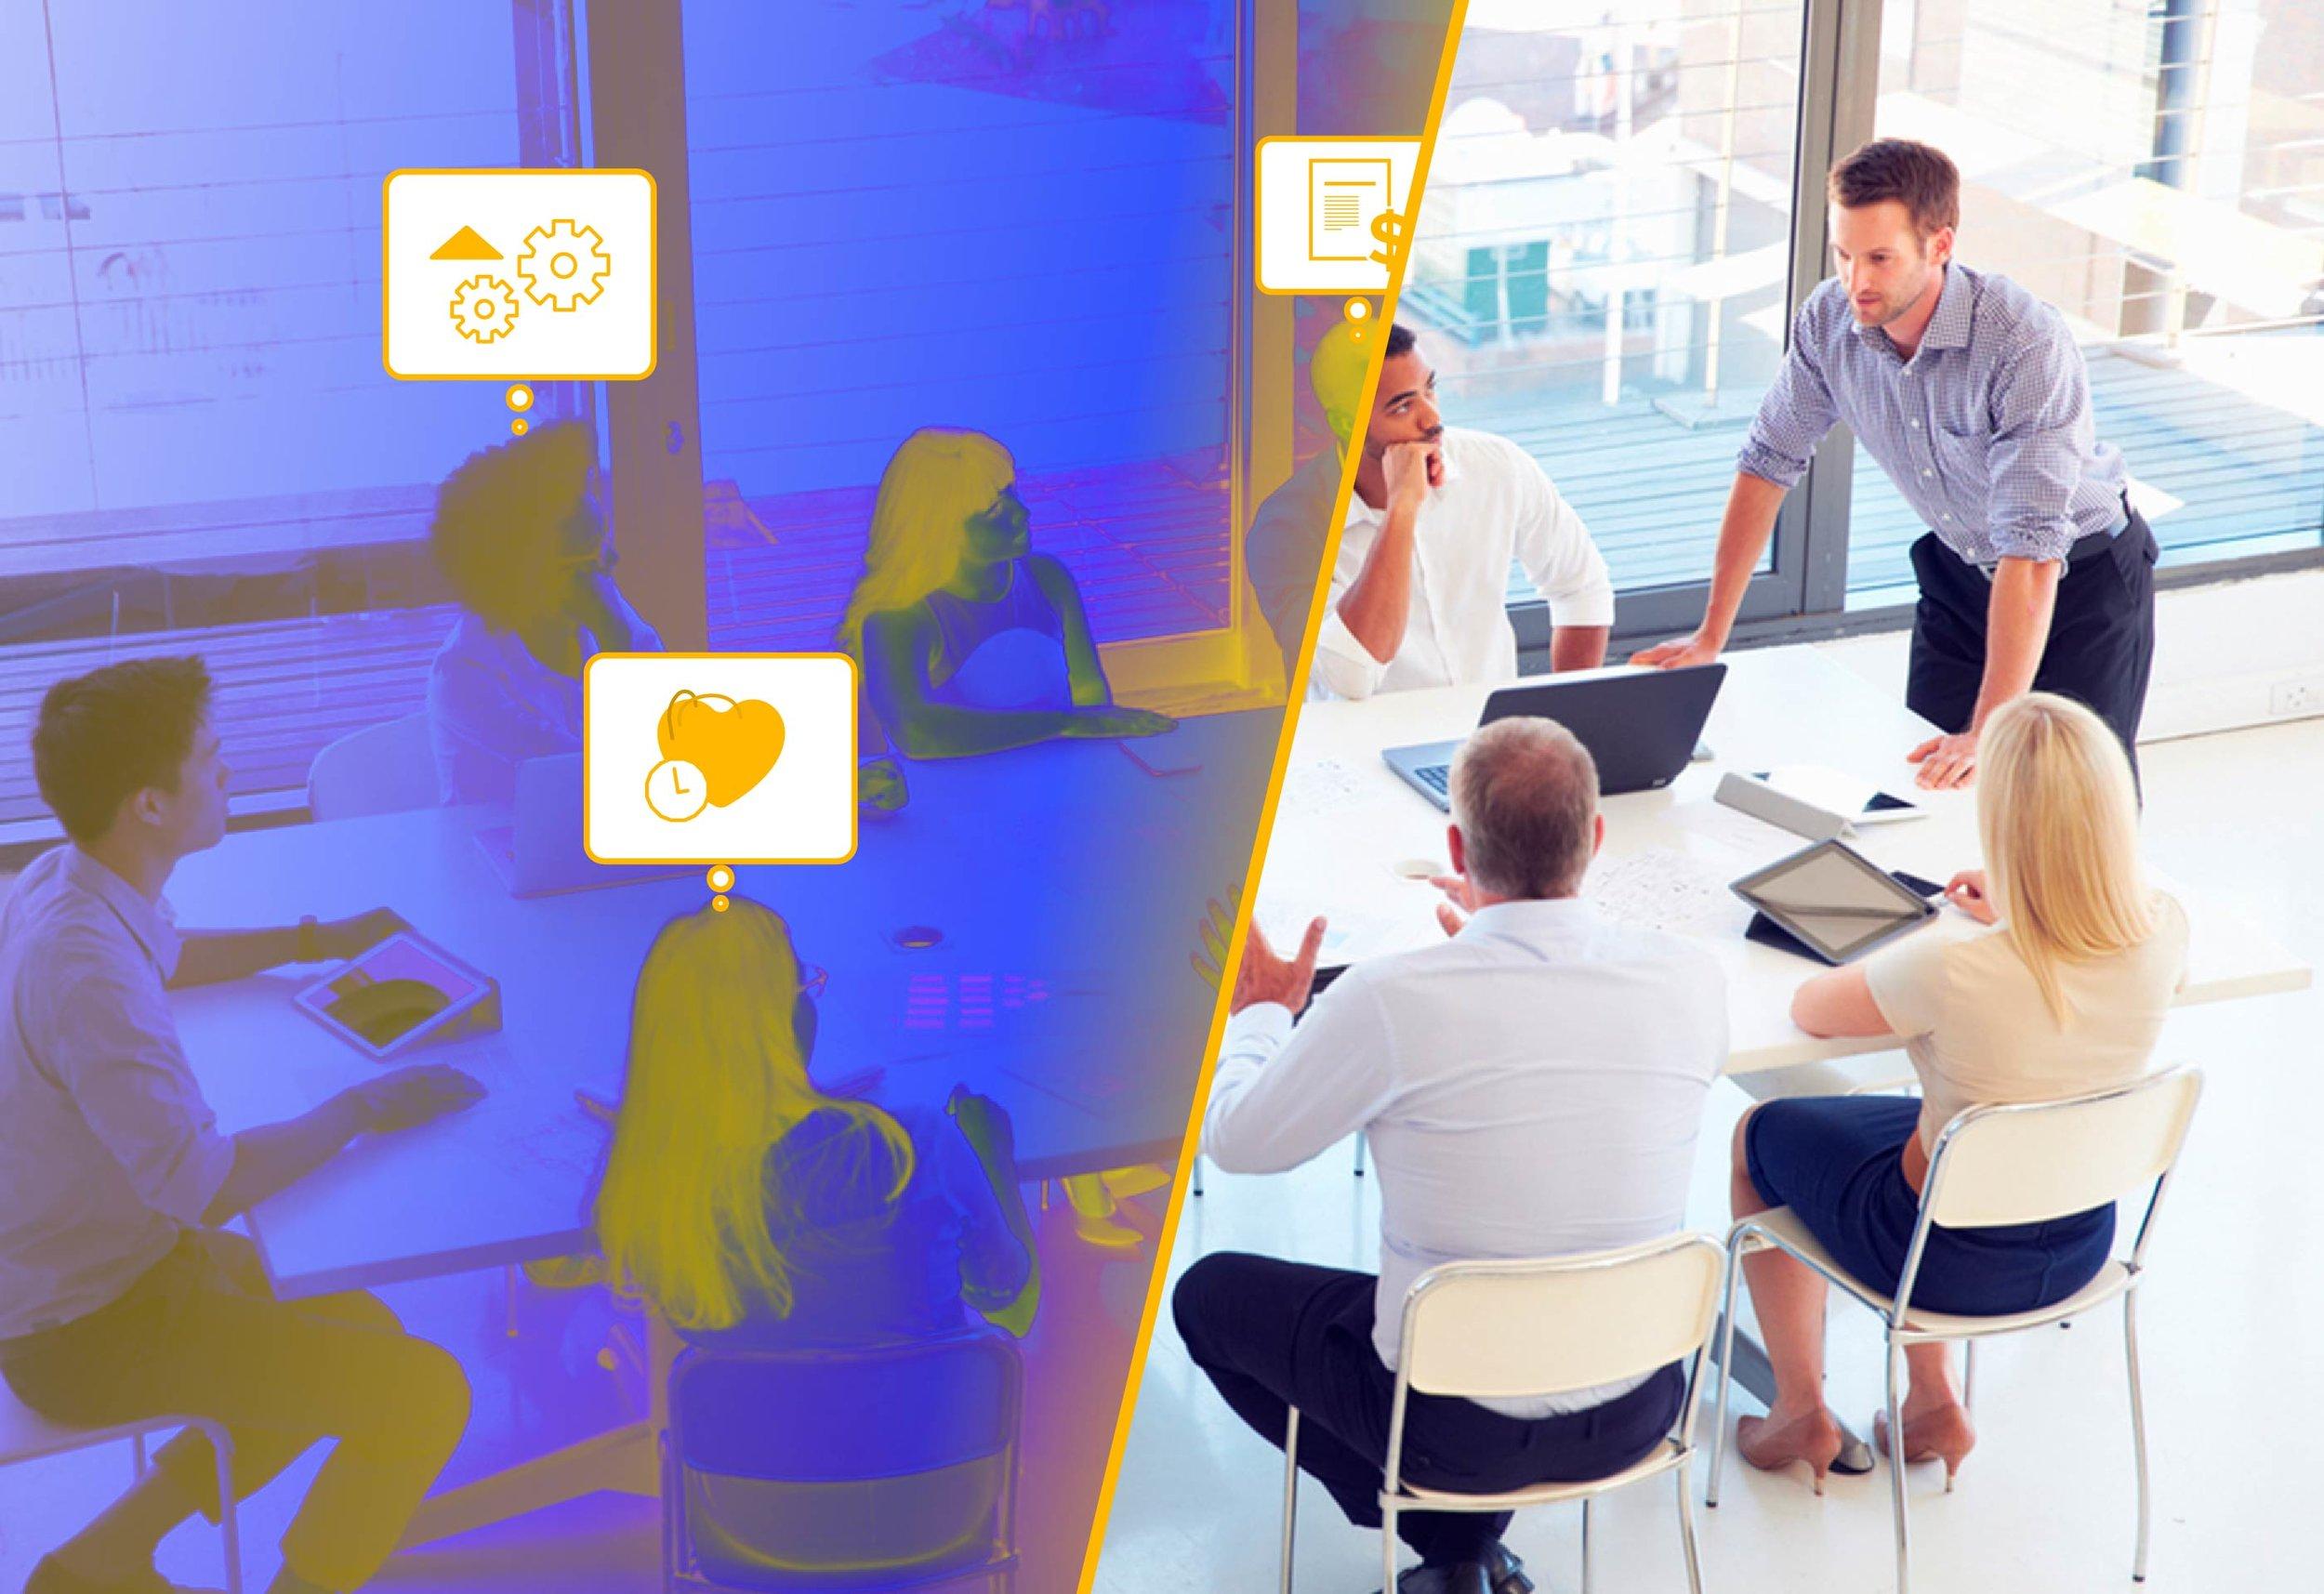 audiencia presentaciones efectivas B2B .jpg